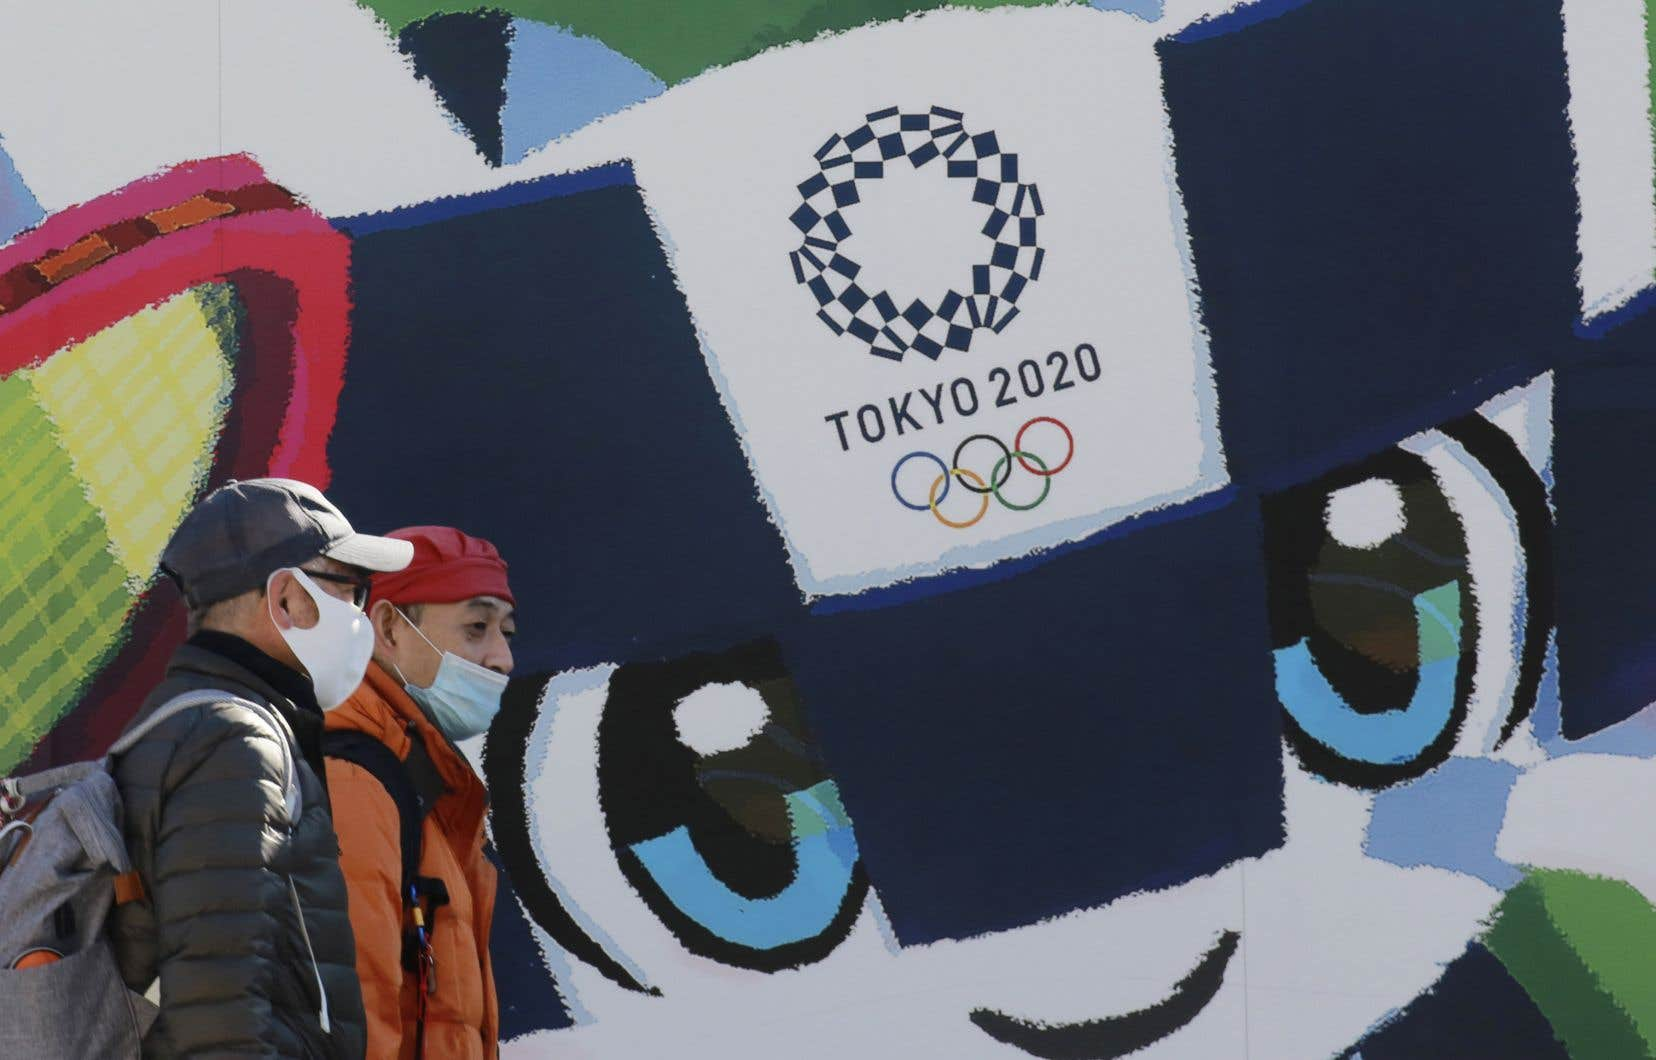 La recrudescence actuelle de la pandémie touche aussi le Japon, où l'opinion publique est désormais très majoritairement opposée à l'organisation des Jeux, préférant un nouveau report ou une annulation pure et simple, selon de récents sondages.